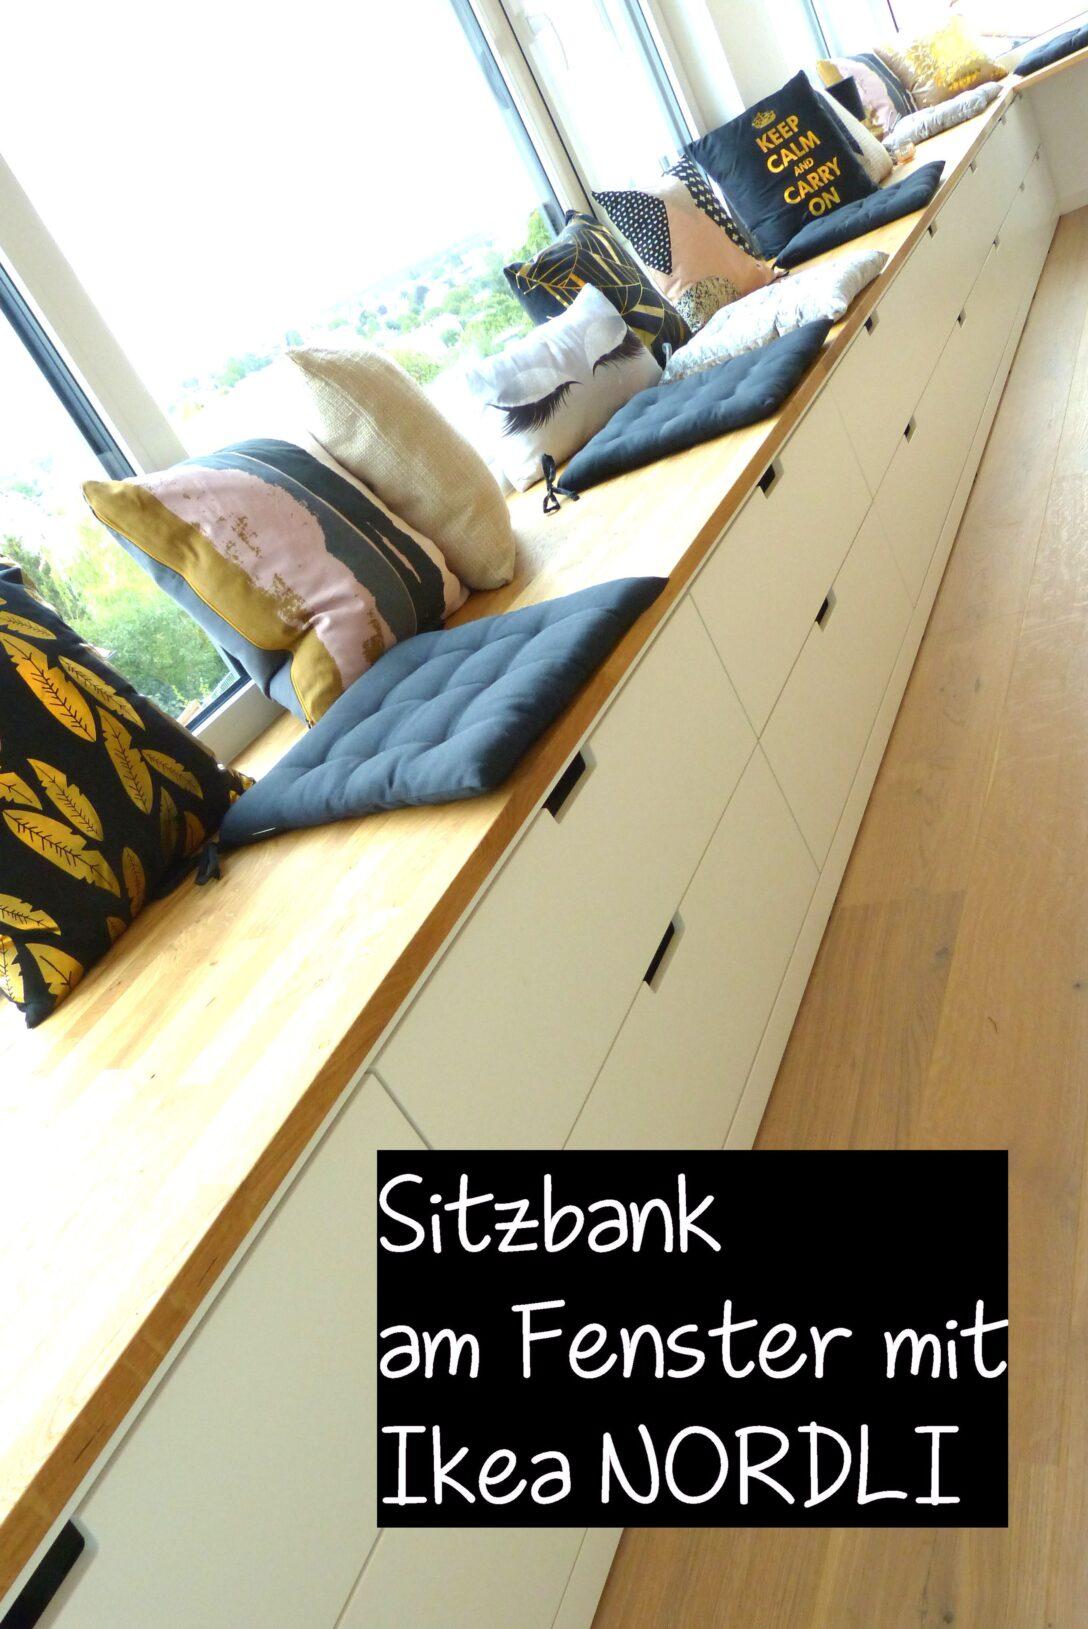 Large Size of Ikea Hack Sitzbank Küche Eine Fest Verbaute Am Fenster Lsst Sich Mit Kommoden Der Unterschränke Einbauküche Weiss Hochglanz Nobilia Sitzgruppe Wohnzimmer Ikea Hack Sitzbank Küche